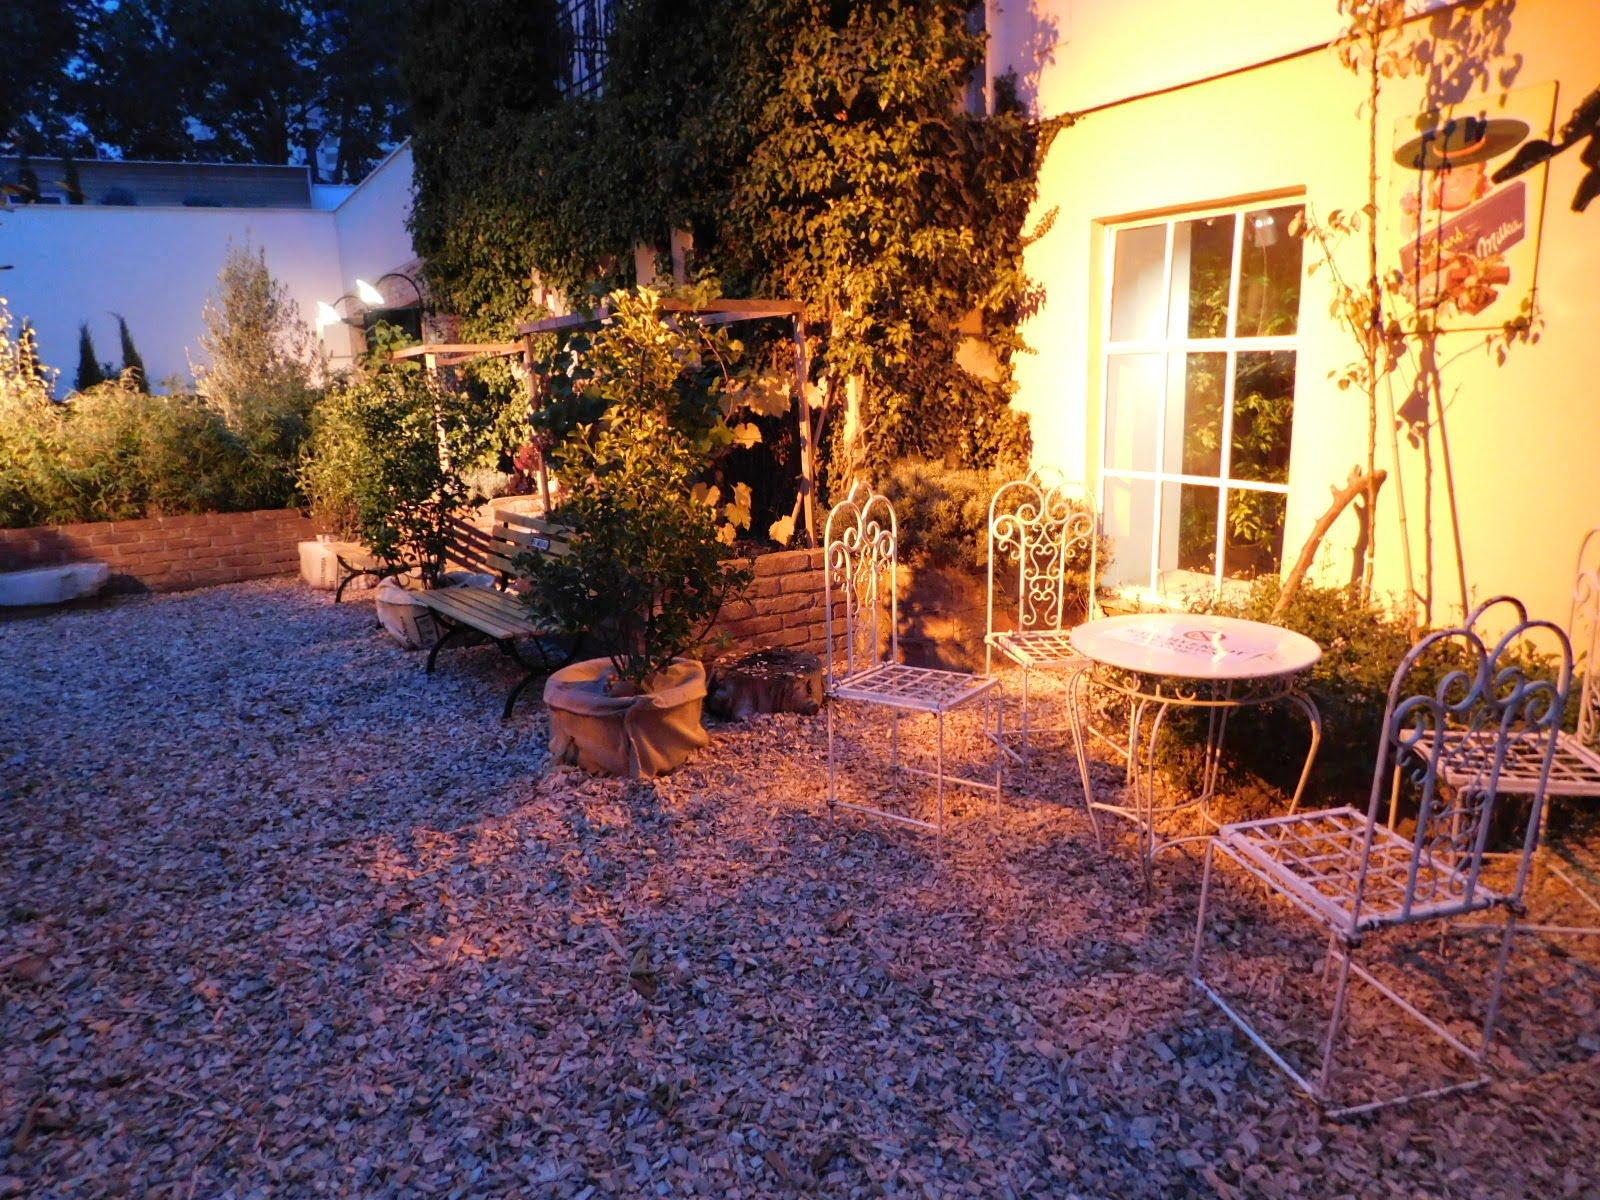 Innenhof und Garten vor dem SMALL LOFT-FILMQUARTIER-Wien-Eventlocation-outdoor